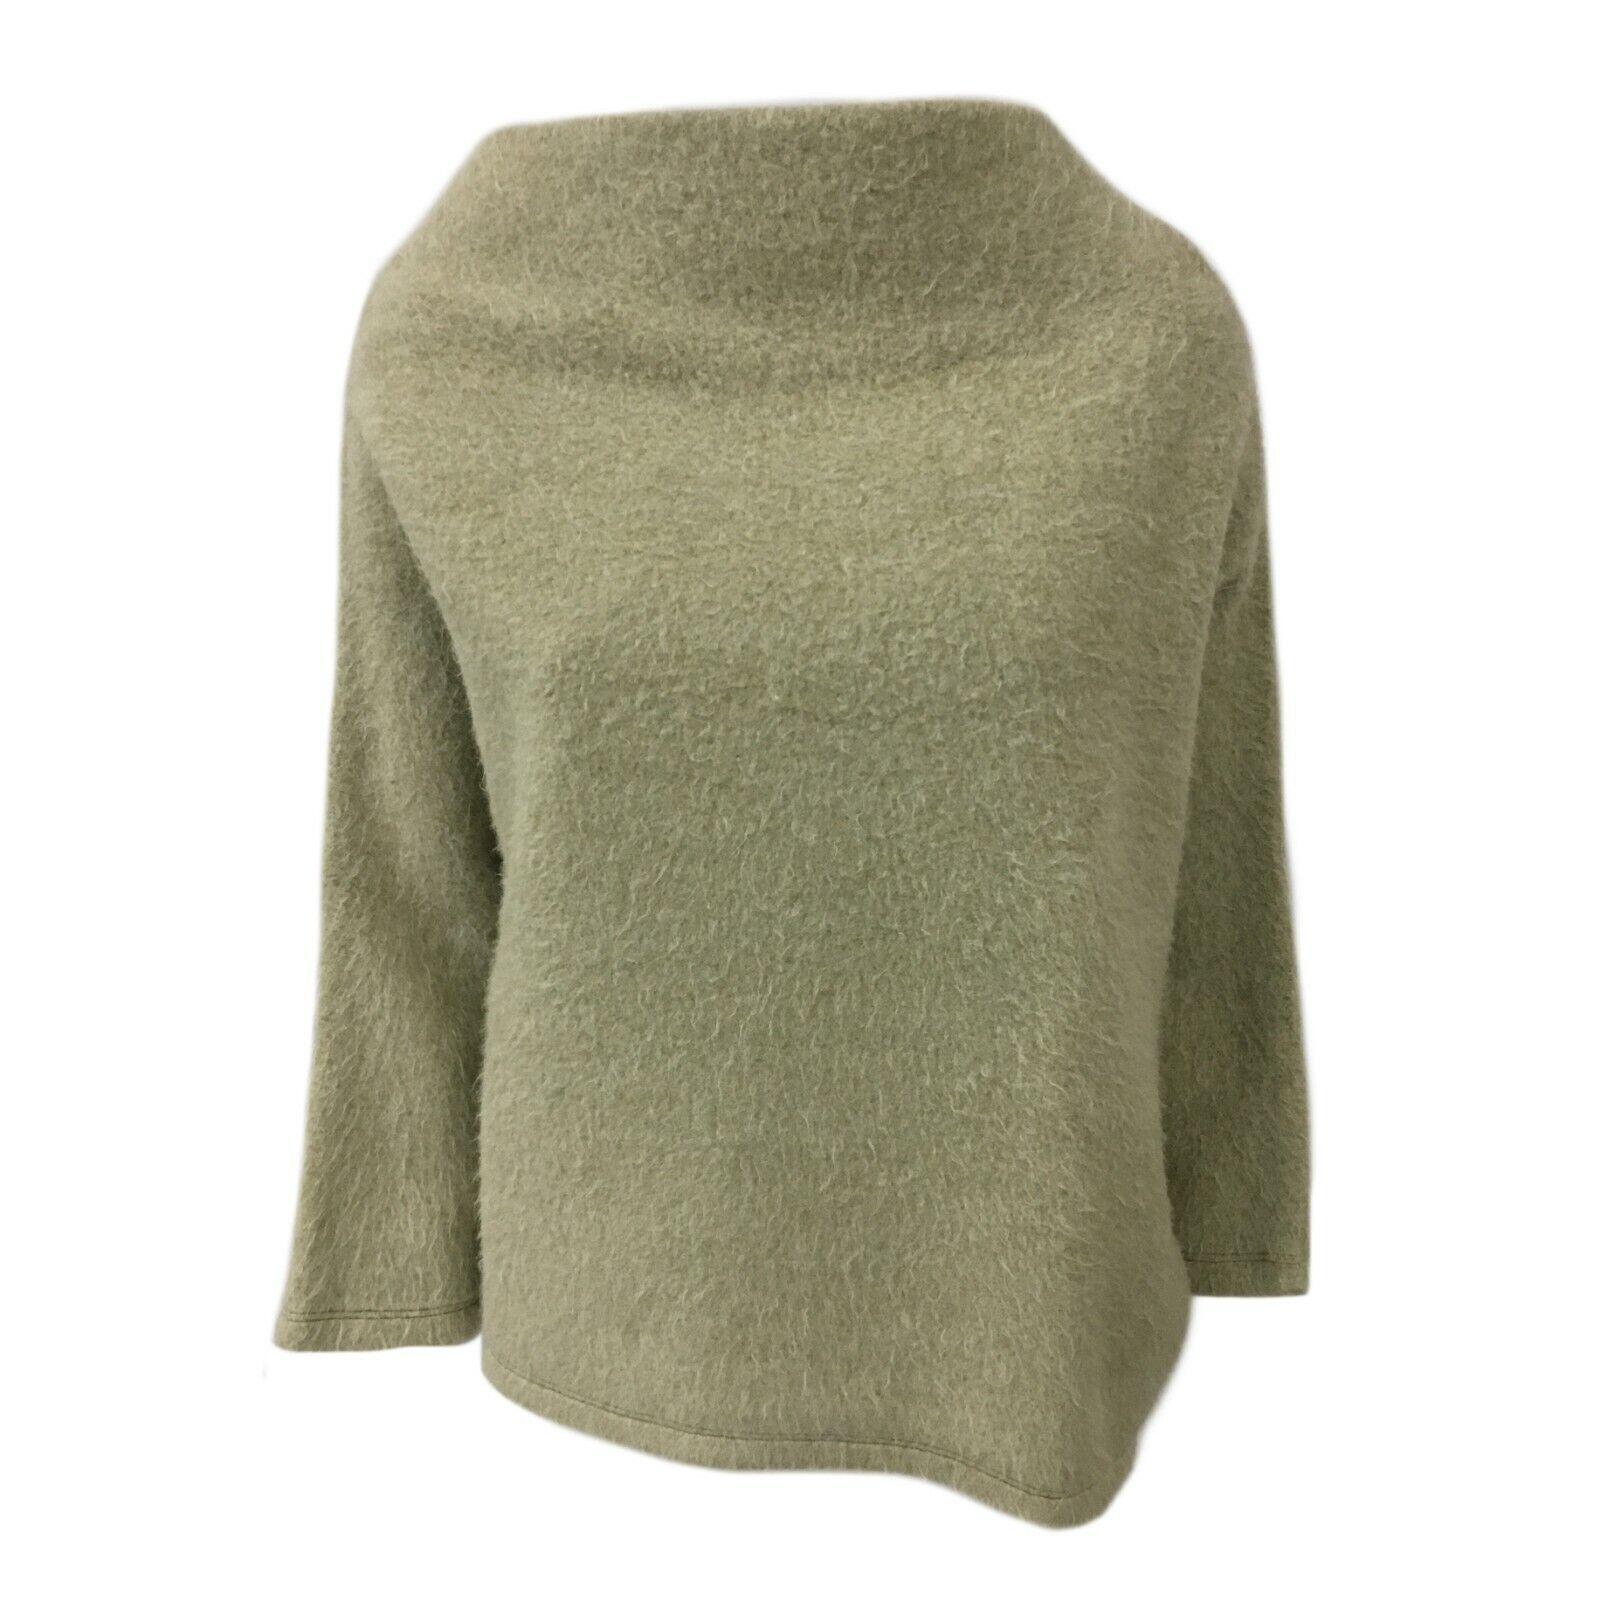 BKØ Frauen Sweatshirt MOOS mod DD18422 63% Baumwolle 32% Wolle 5% Elasthan